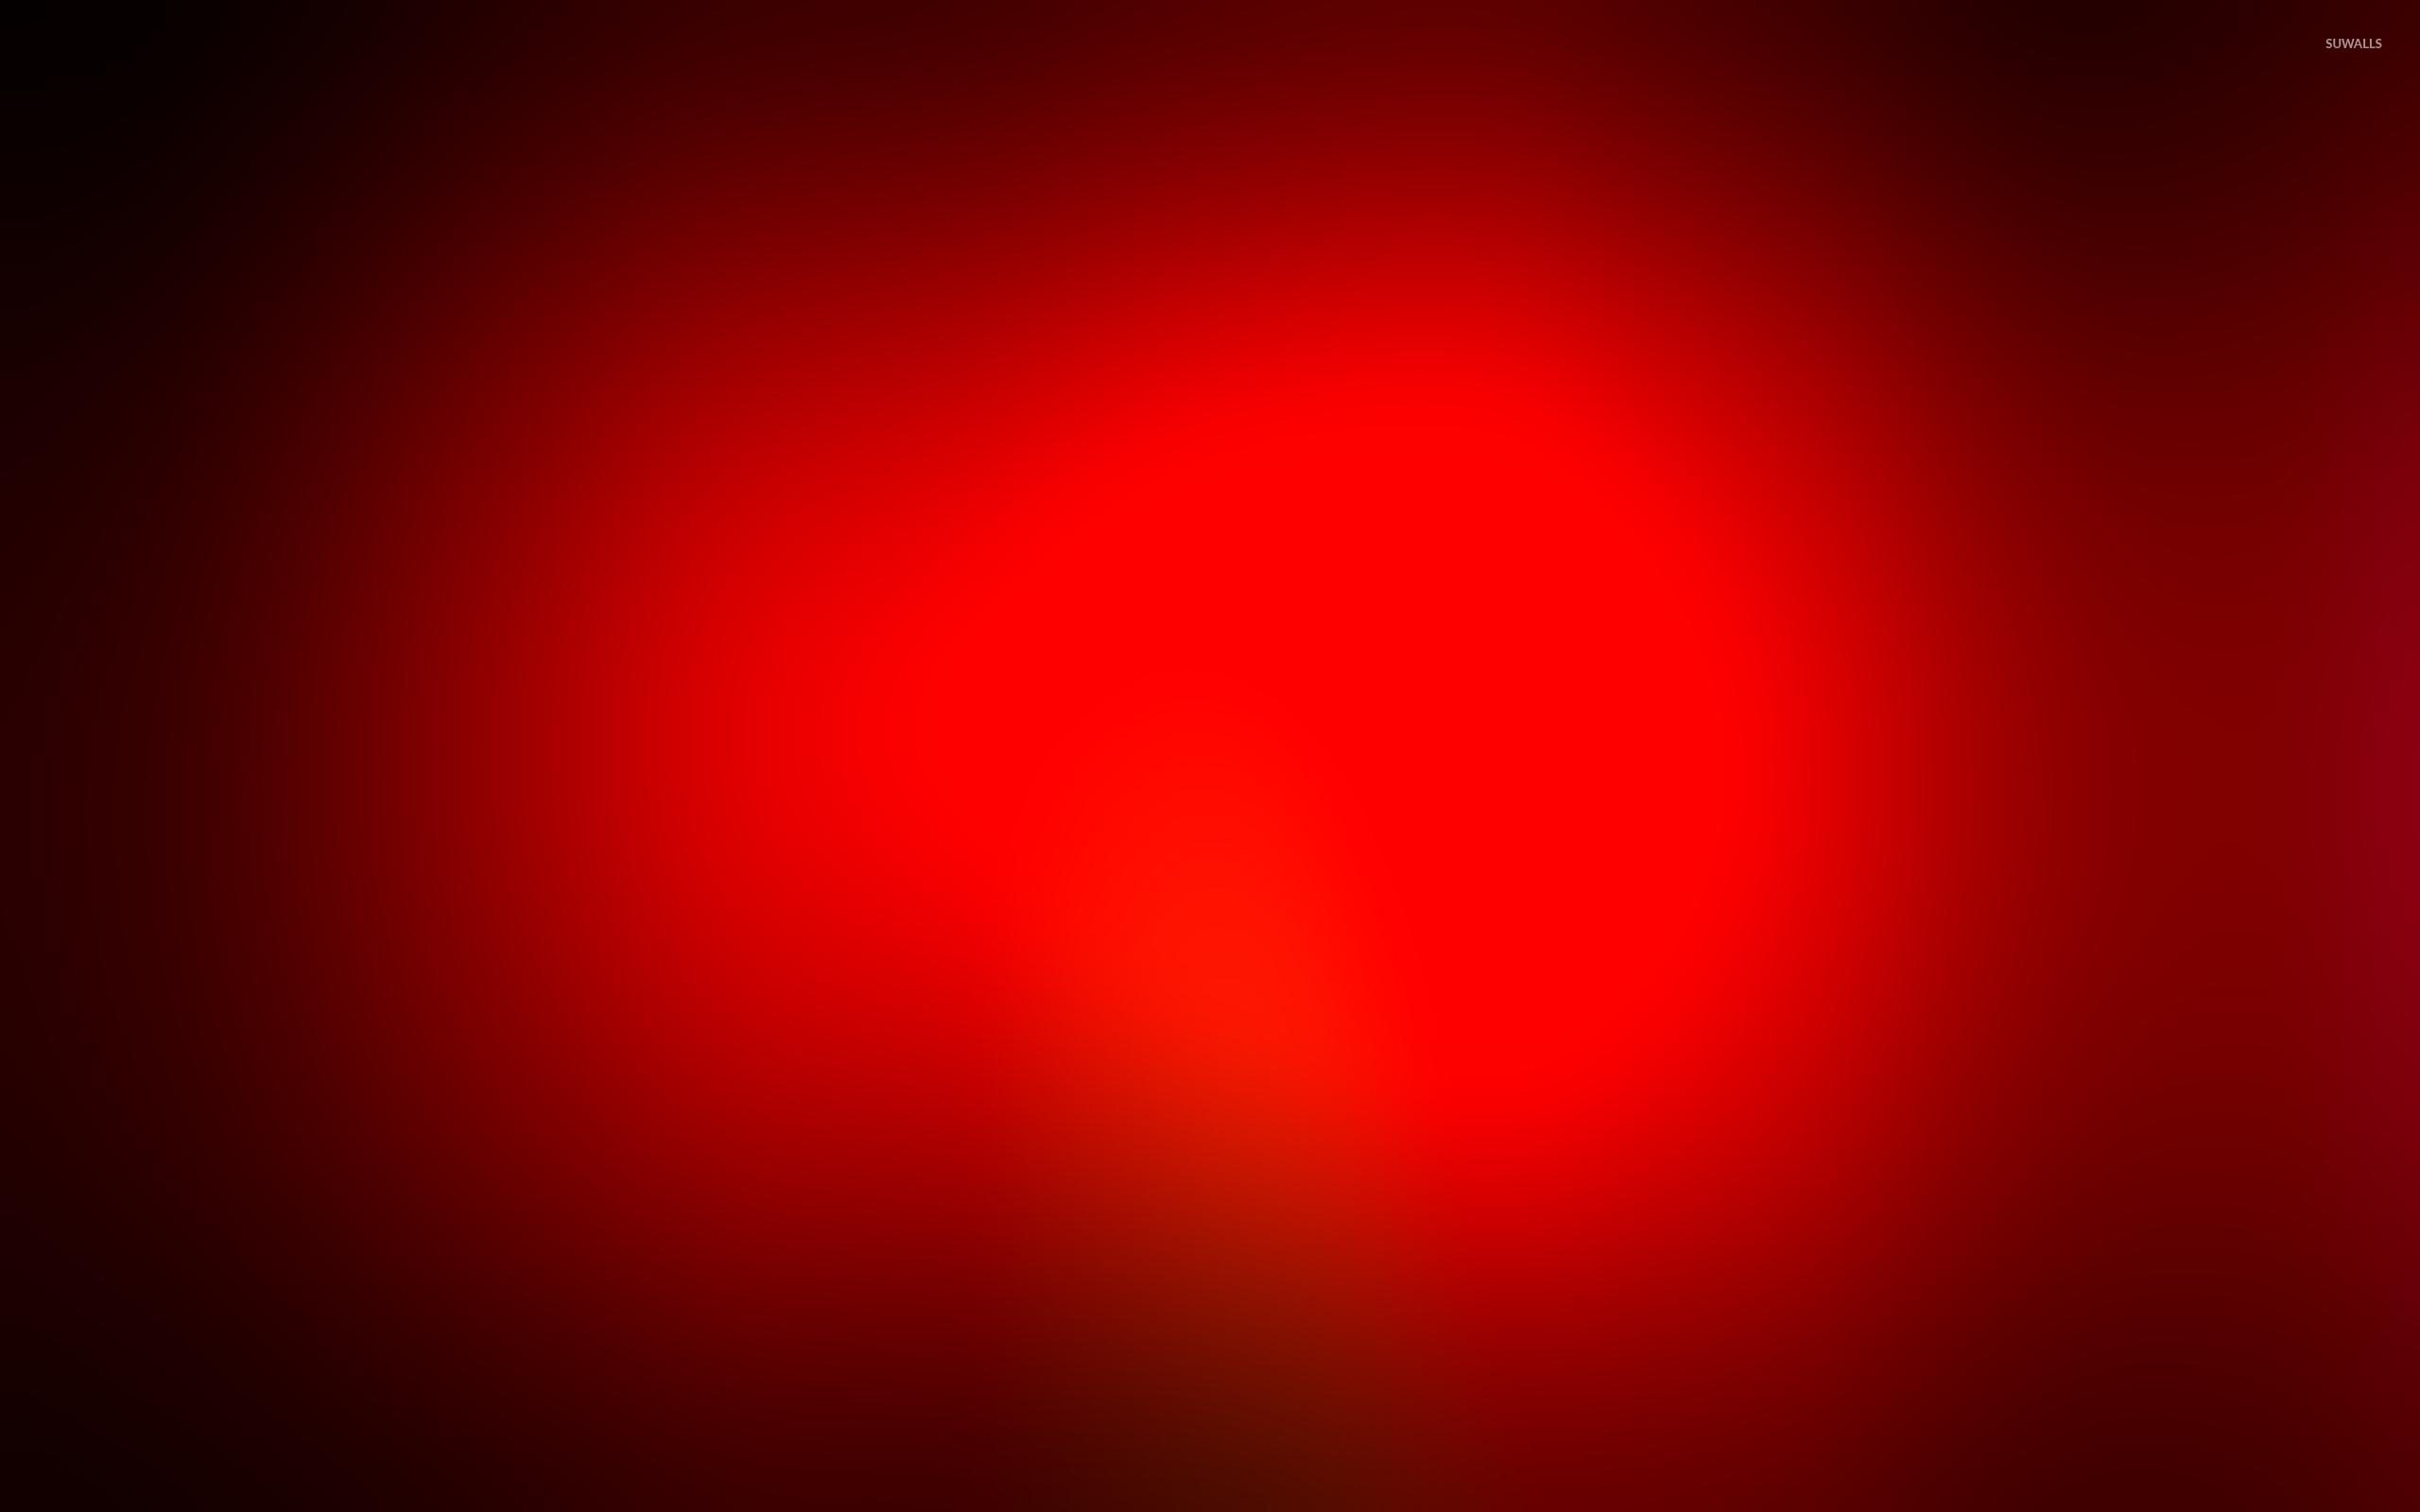 Red Gradient Wallpaper - WallpaperSafari